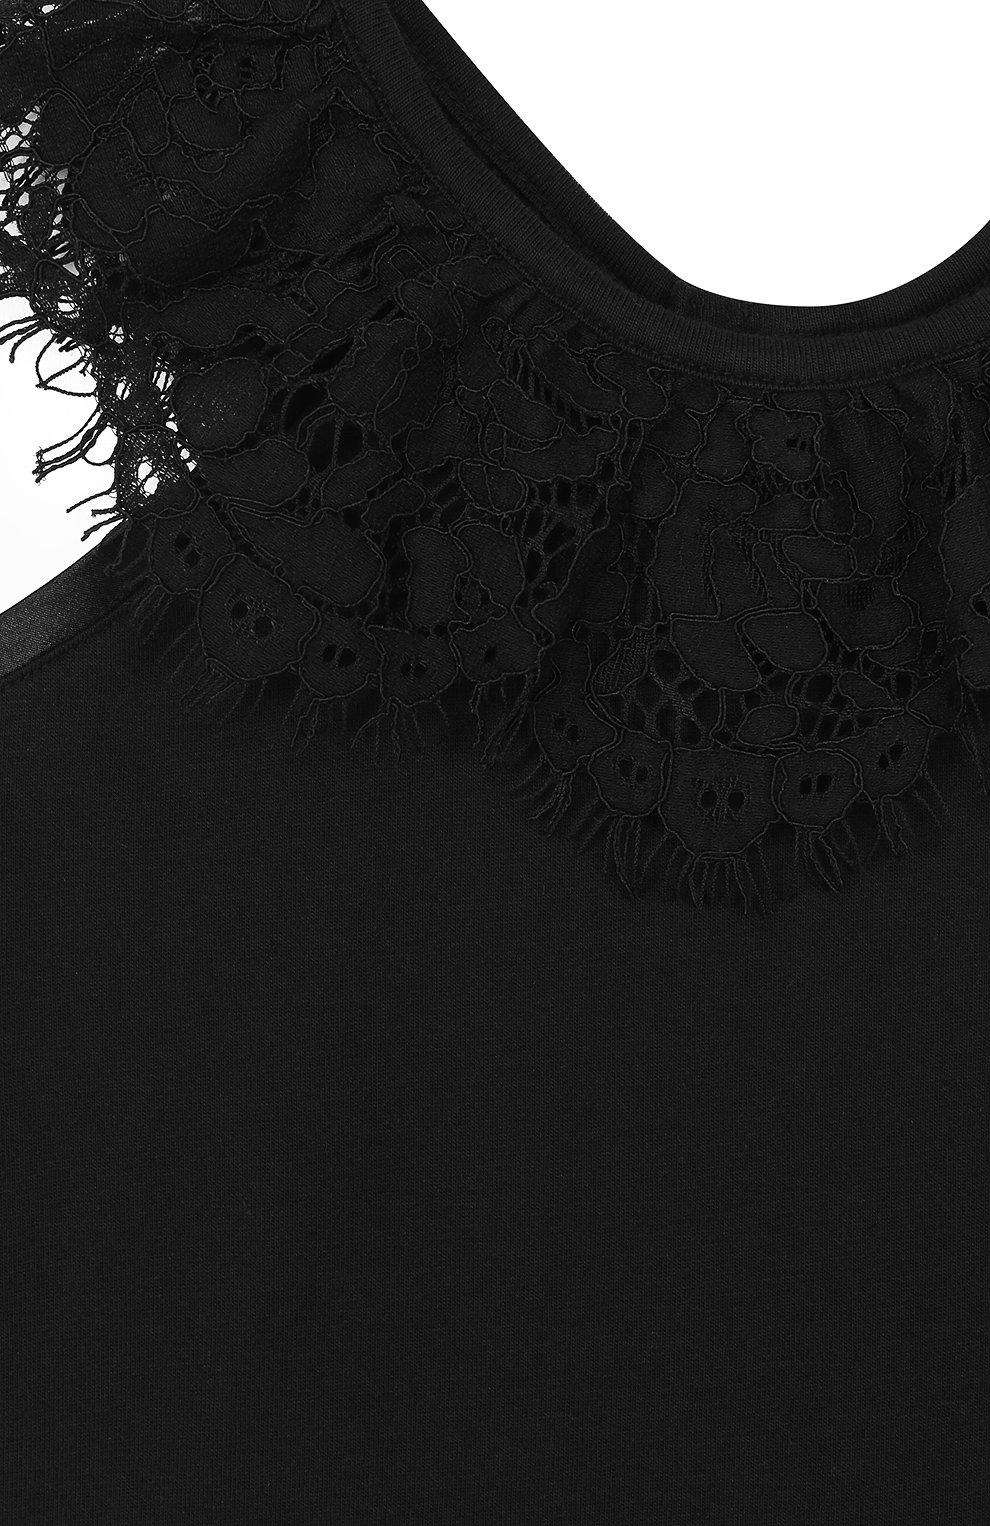 Детский топ джерси с кружевной отделкой и открытыми плечами ANGEL'S FACE черного цвета, арт. LUCILLE/2-7 | Фото 3